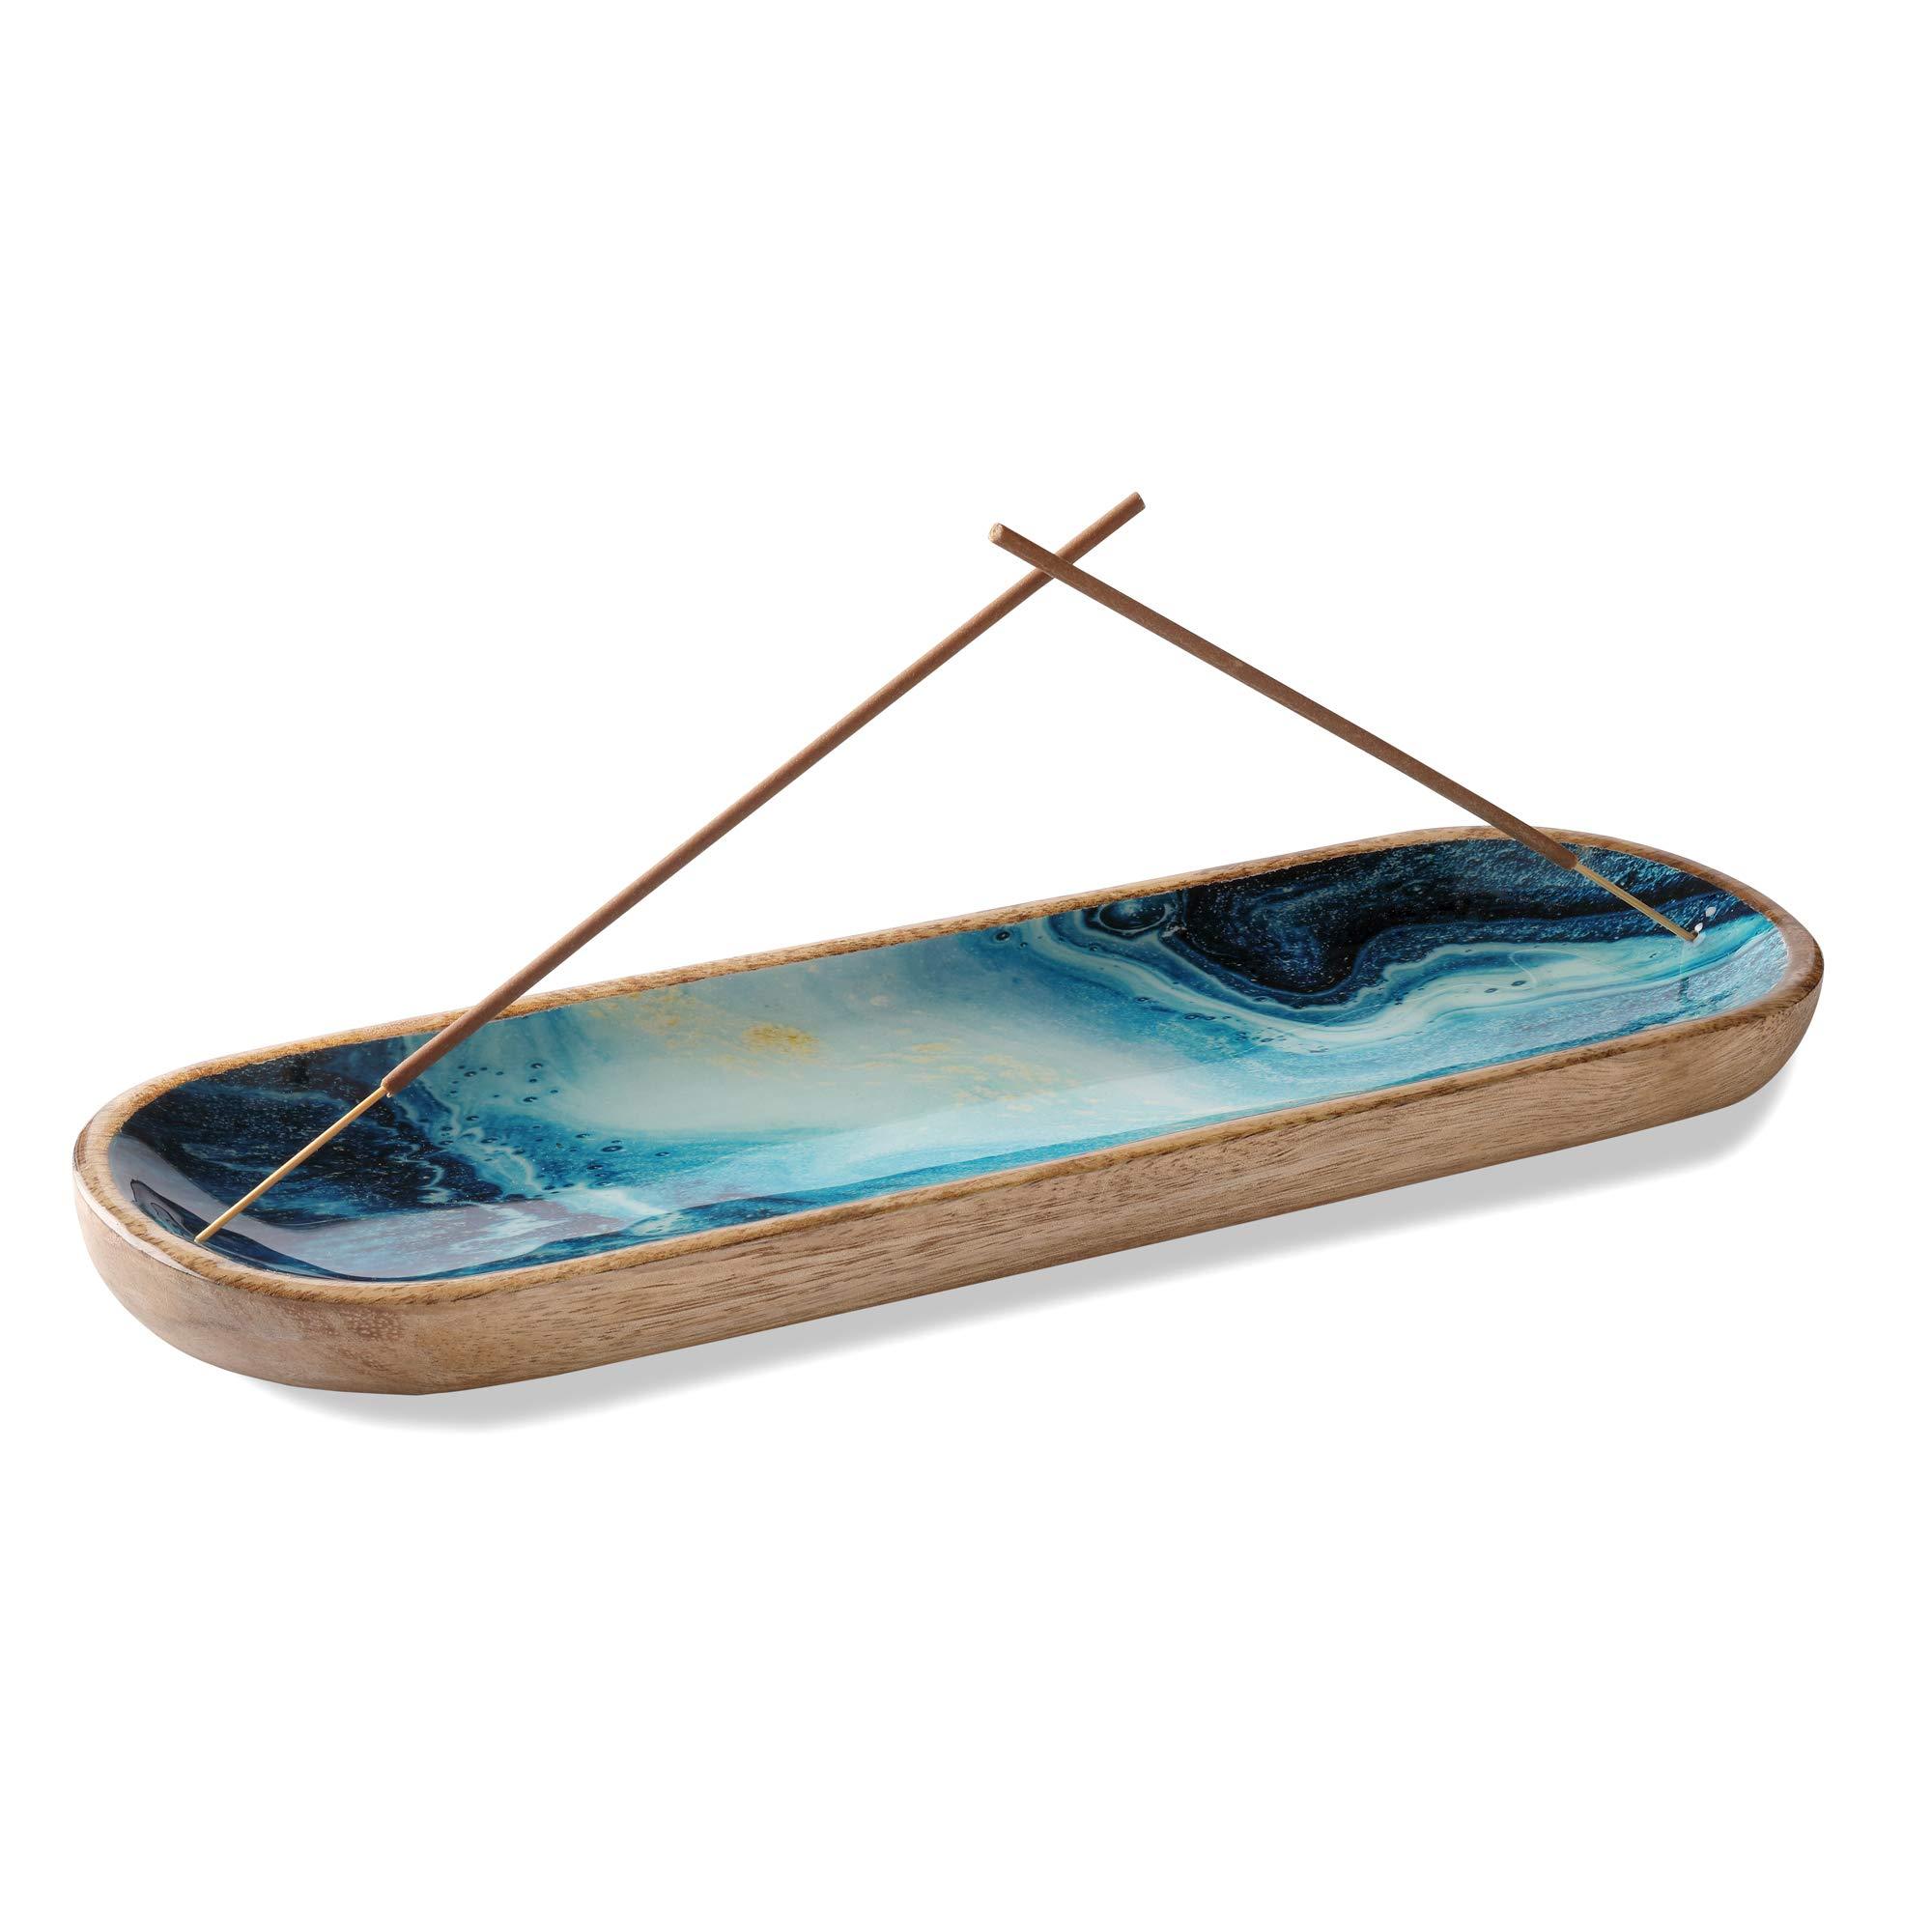 Folkulture Incense Holder or Insence Burner Holder, Modern Incense Ash Catcher or Insense Stick Holder for Home Décor, Wooden Incense Tray for Sticks, Mango Wood Trough, Blue